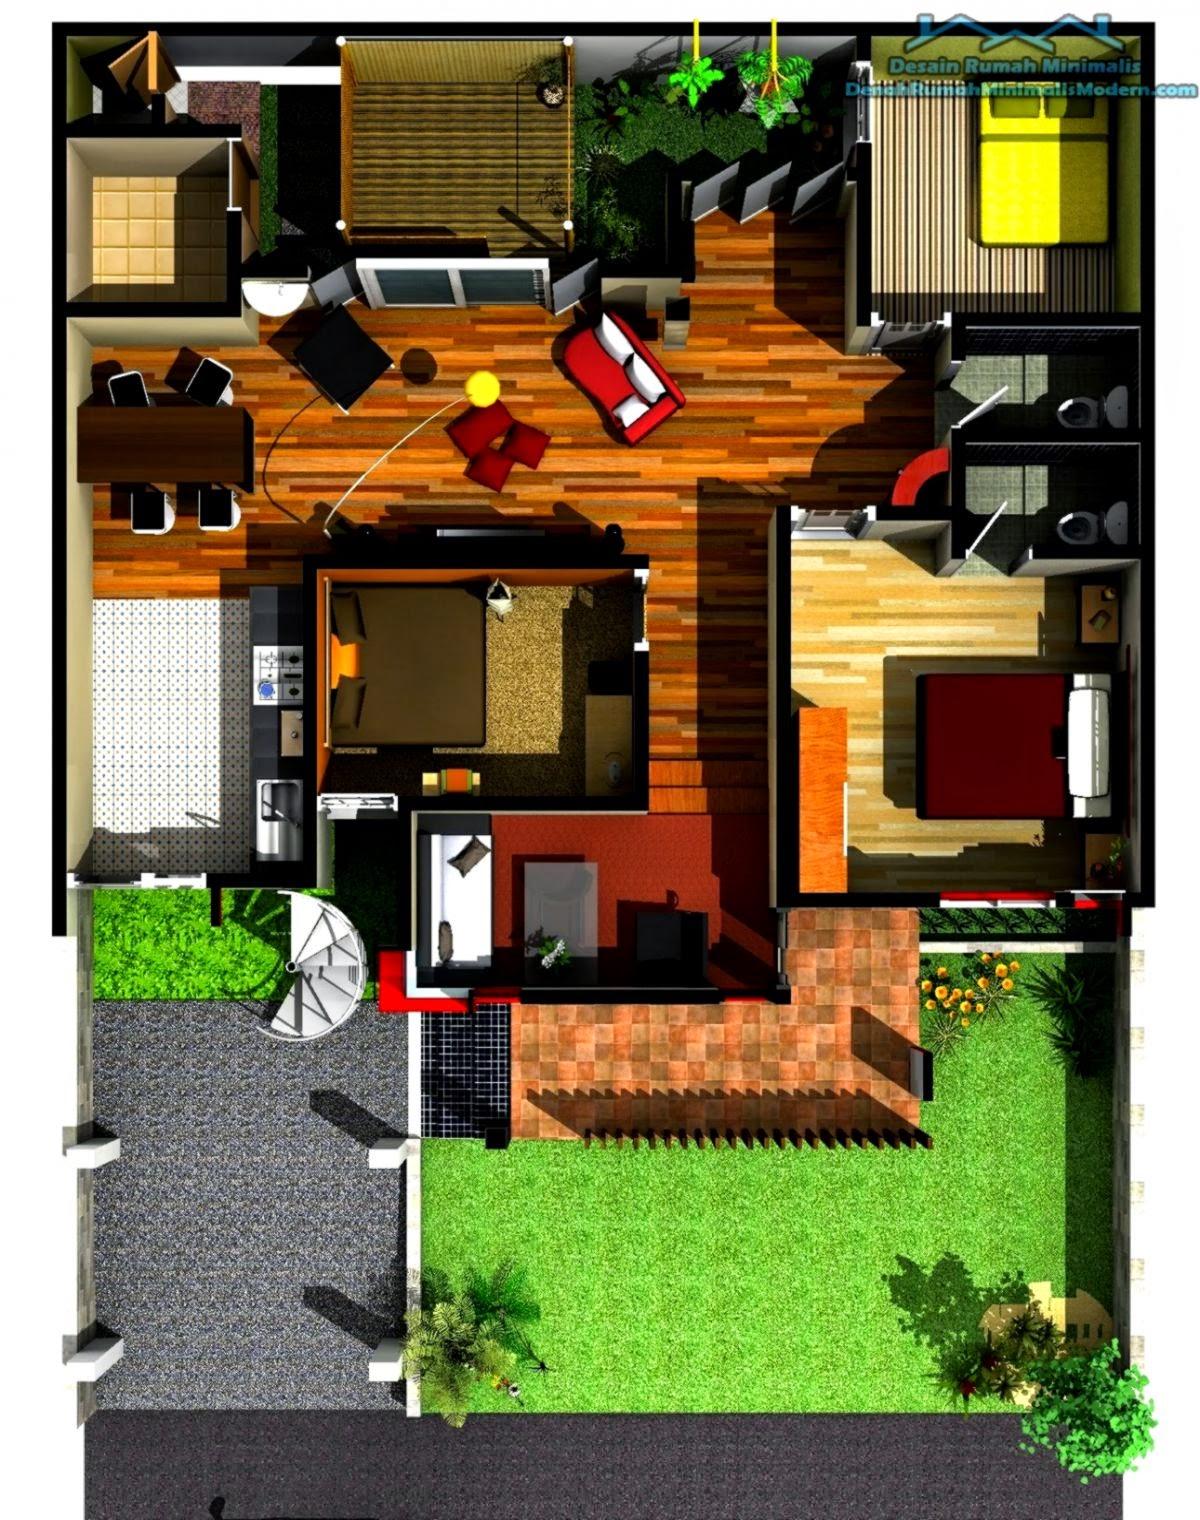 Gambar Rumah Dan Denah Rumah Minimalis Gallery Taman Minimalis